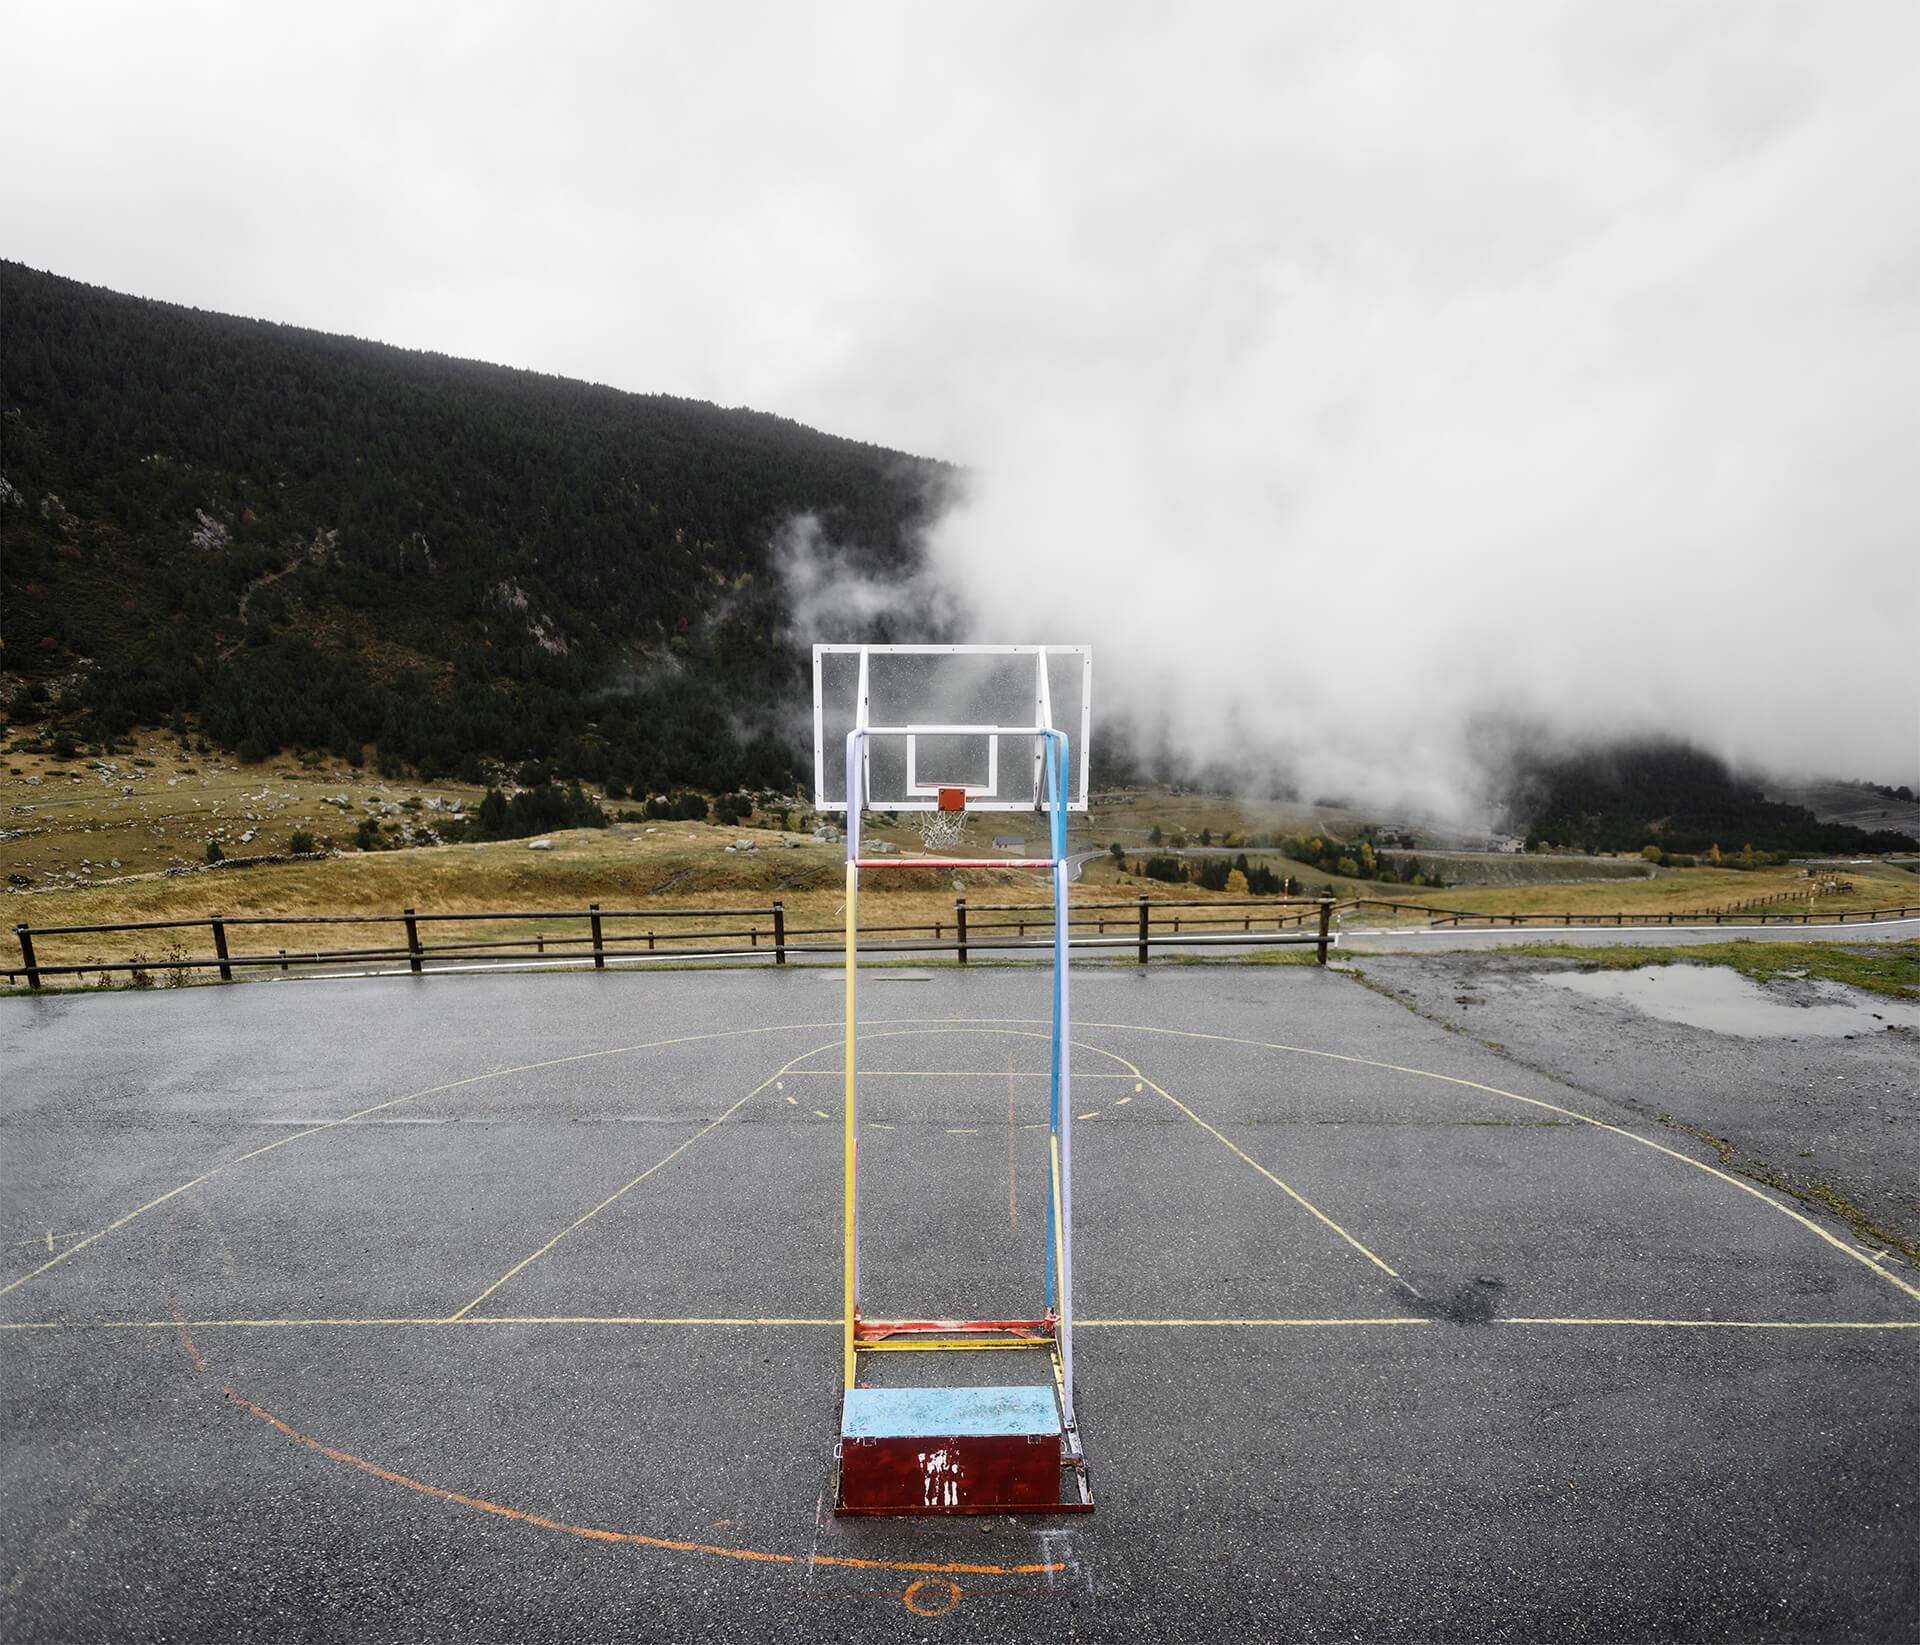 Terrain de basket à El Tarter en Andorre, ville frontalière entre l'Espagne et la France.